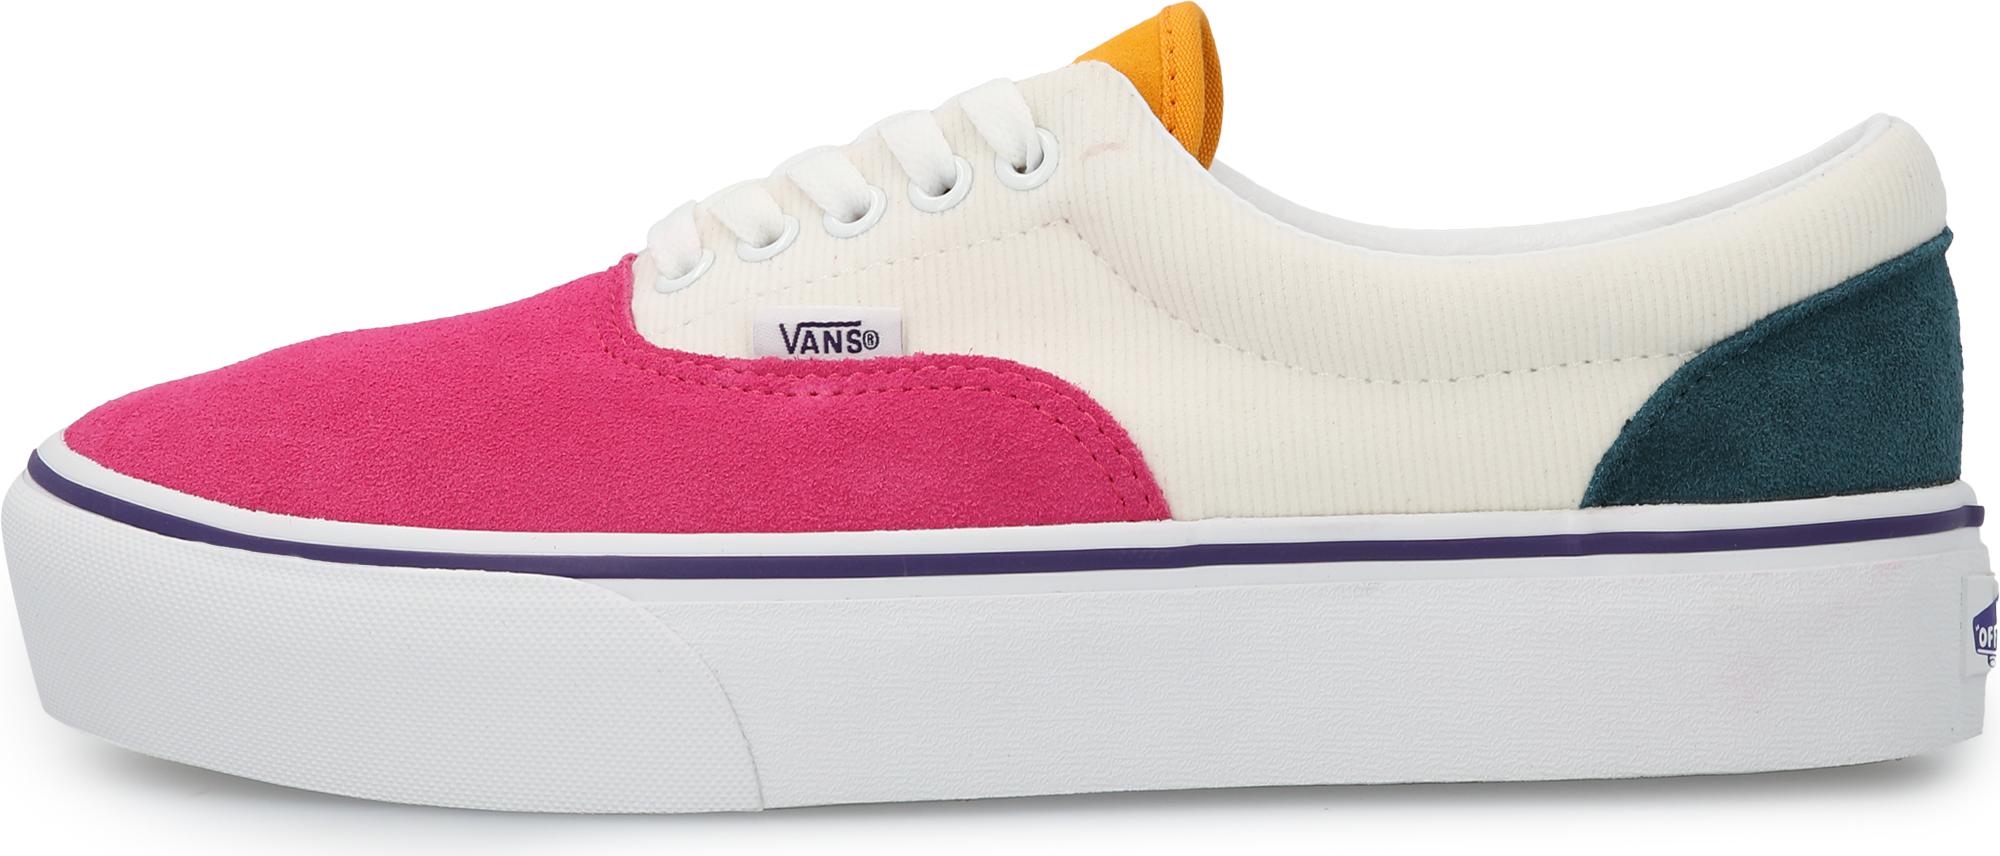 цена Vans Кеды женские Vans Era Platform, размер 37 онлайн в 2017 году